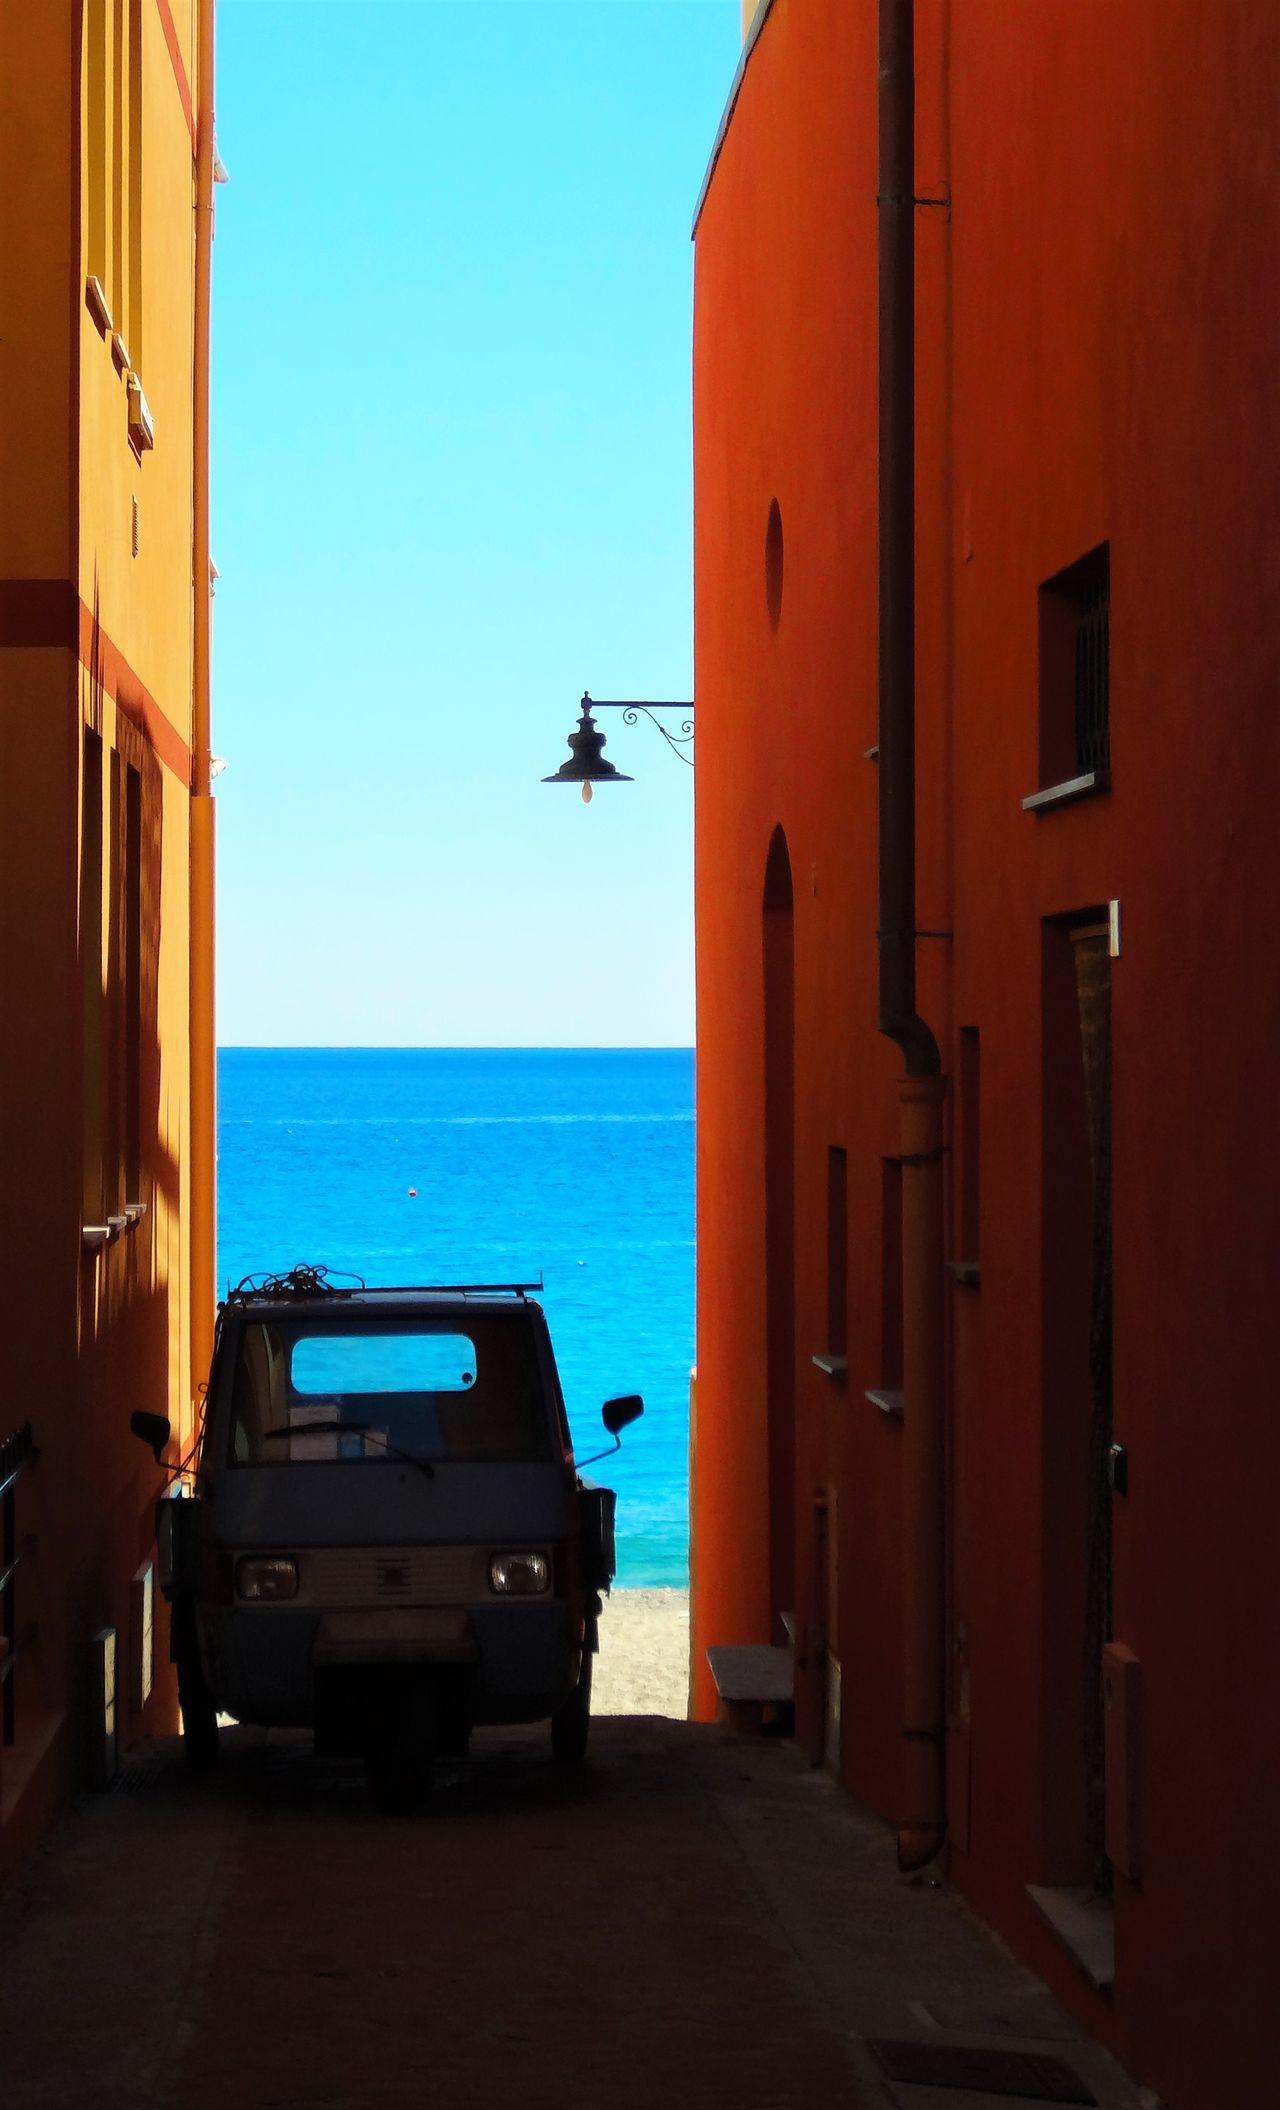 Ape Beach Beach Holiday Blue Coast Italian Riviera Italian Sea Village Italy Italy Holidays Italy❤️ Italy🇮🇹 Liguria Liguria,Italy No People Sea Sea And Sky Sea View Sky Travel Destinations Varigotti